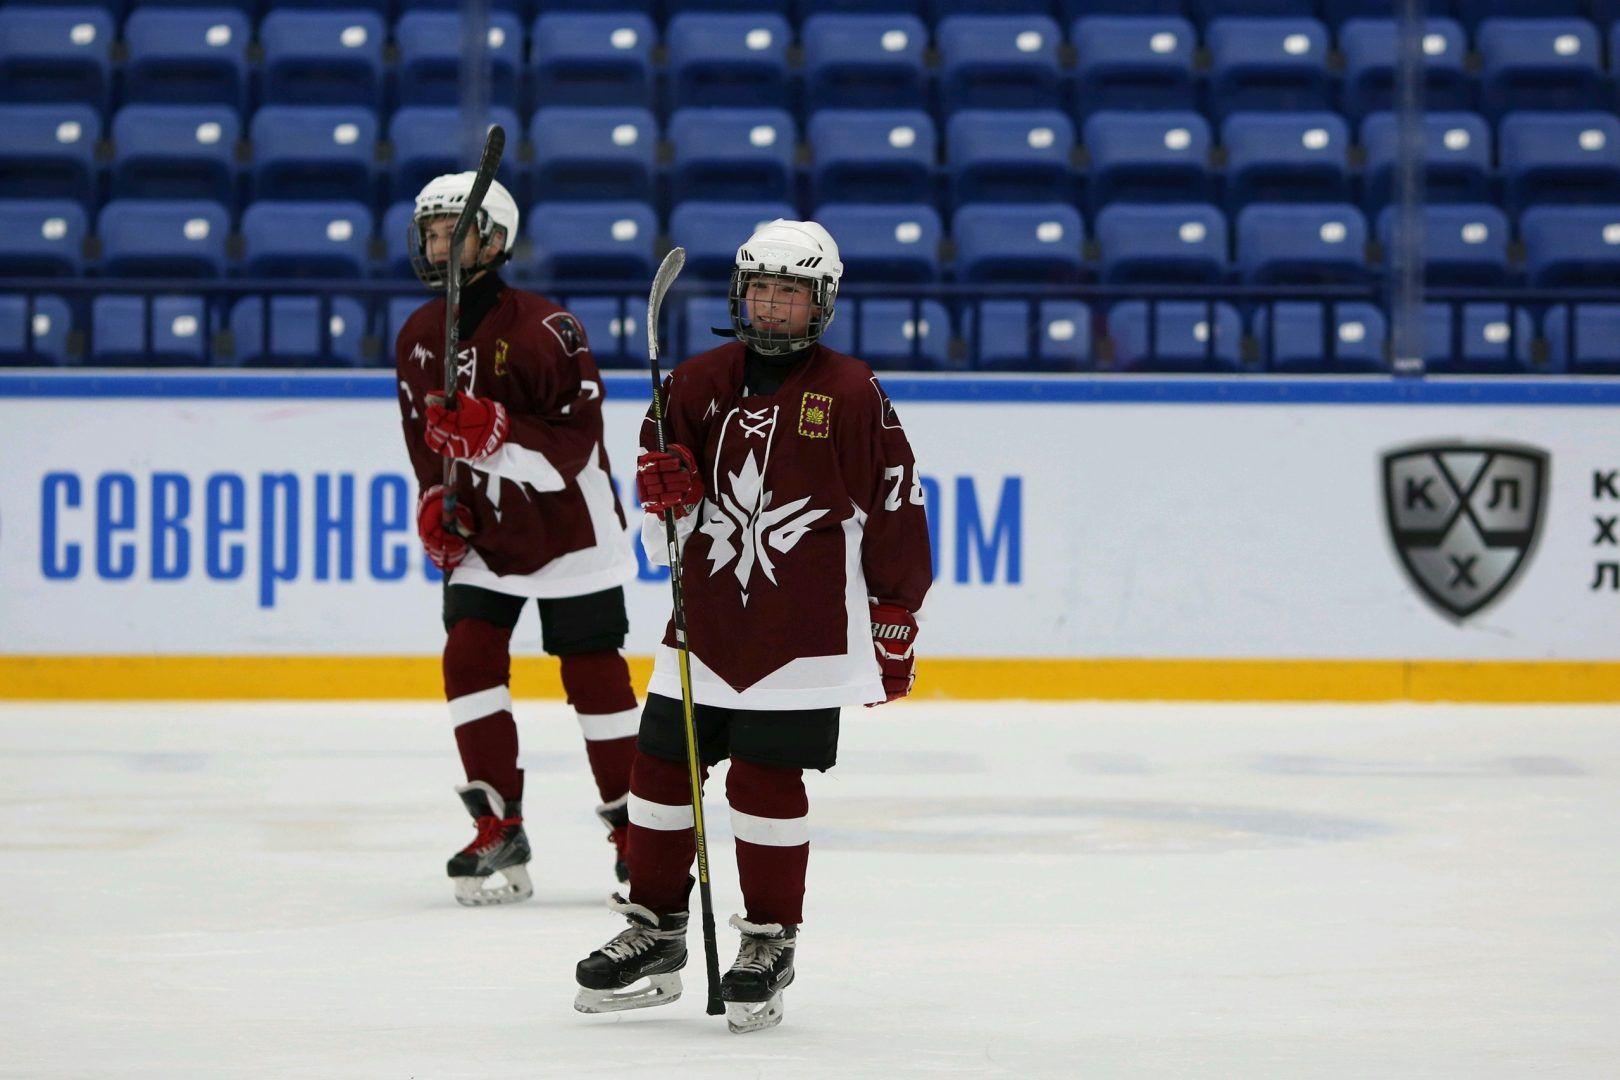 Игру провели на ледовой арене «Витязь». Фото: предоставил сотрудник учреждения